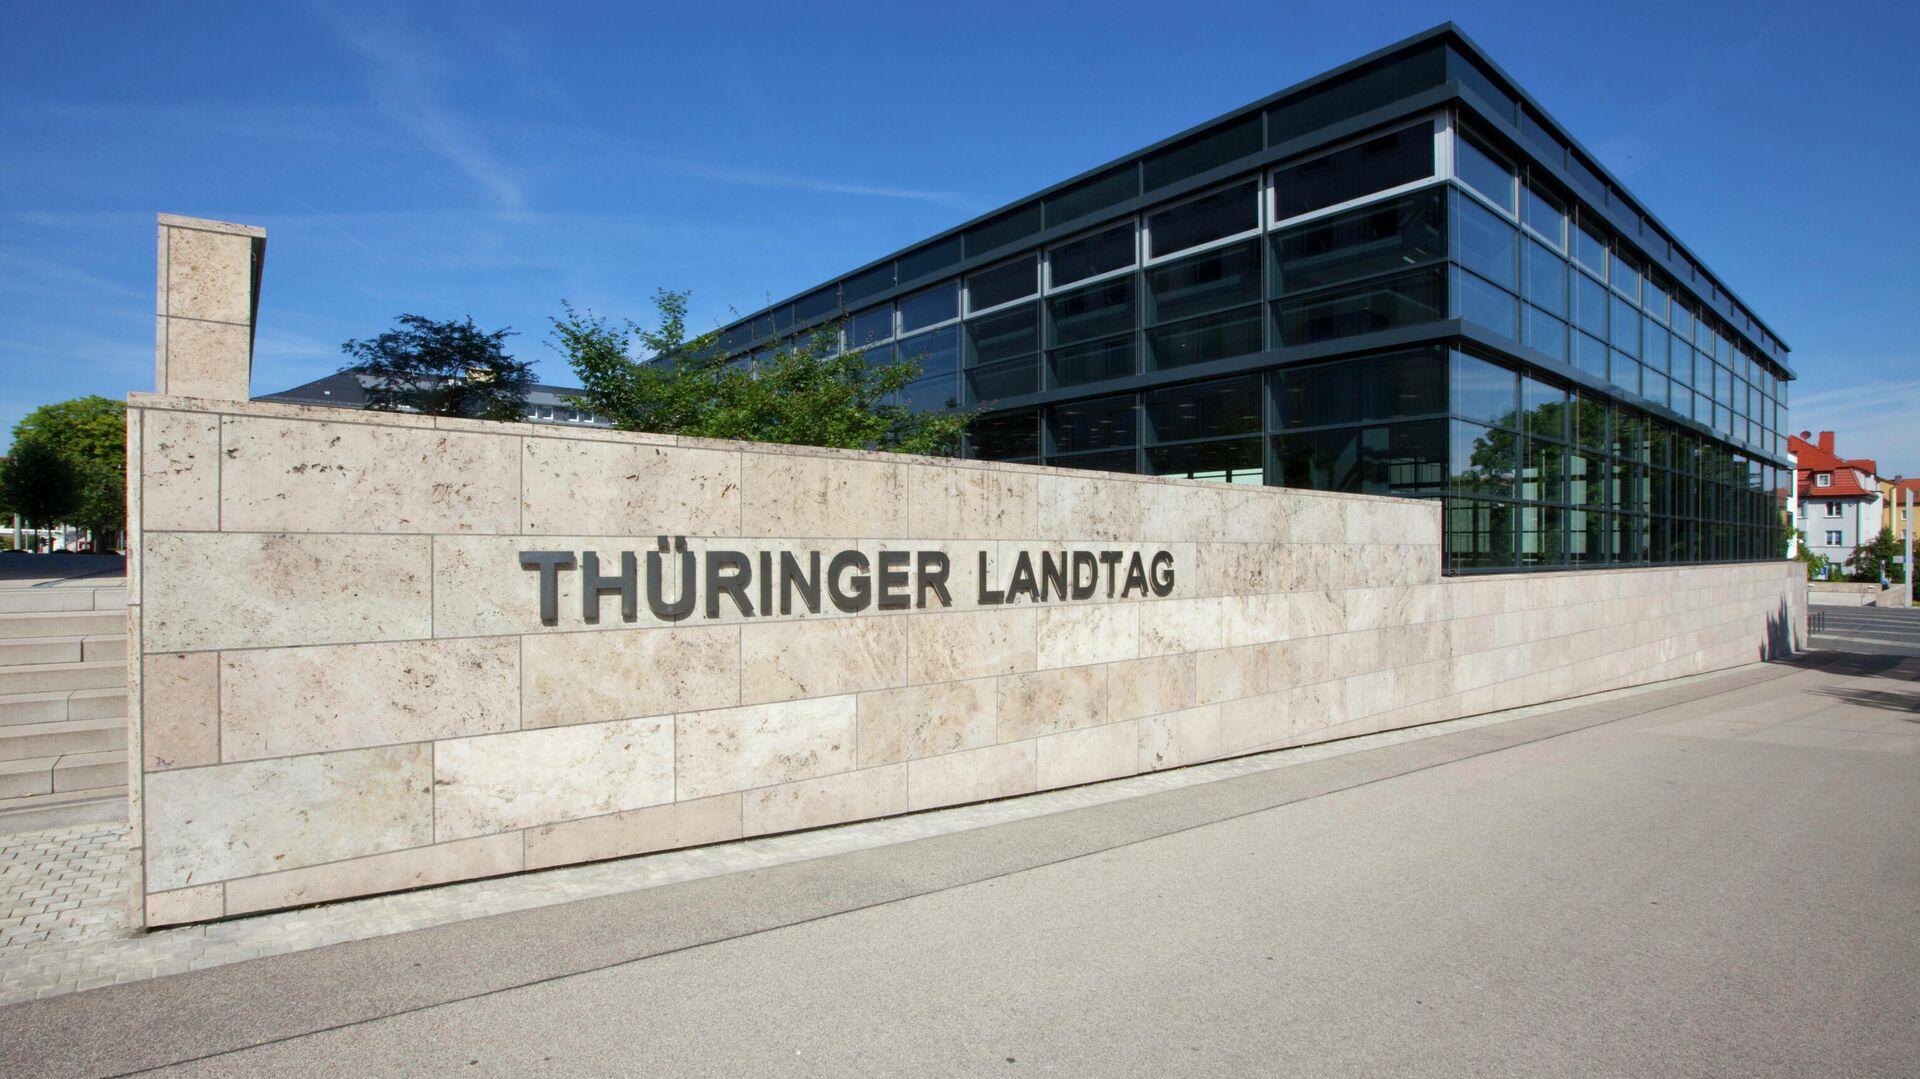 Thüringer Landtag in Erfurt - SNA, 1920, 10.10.2021